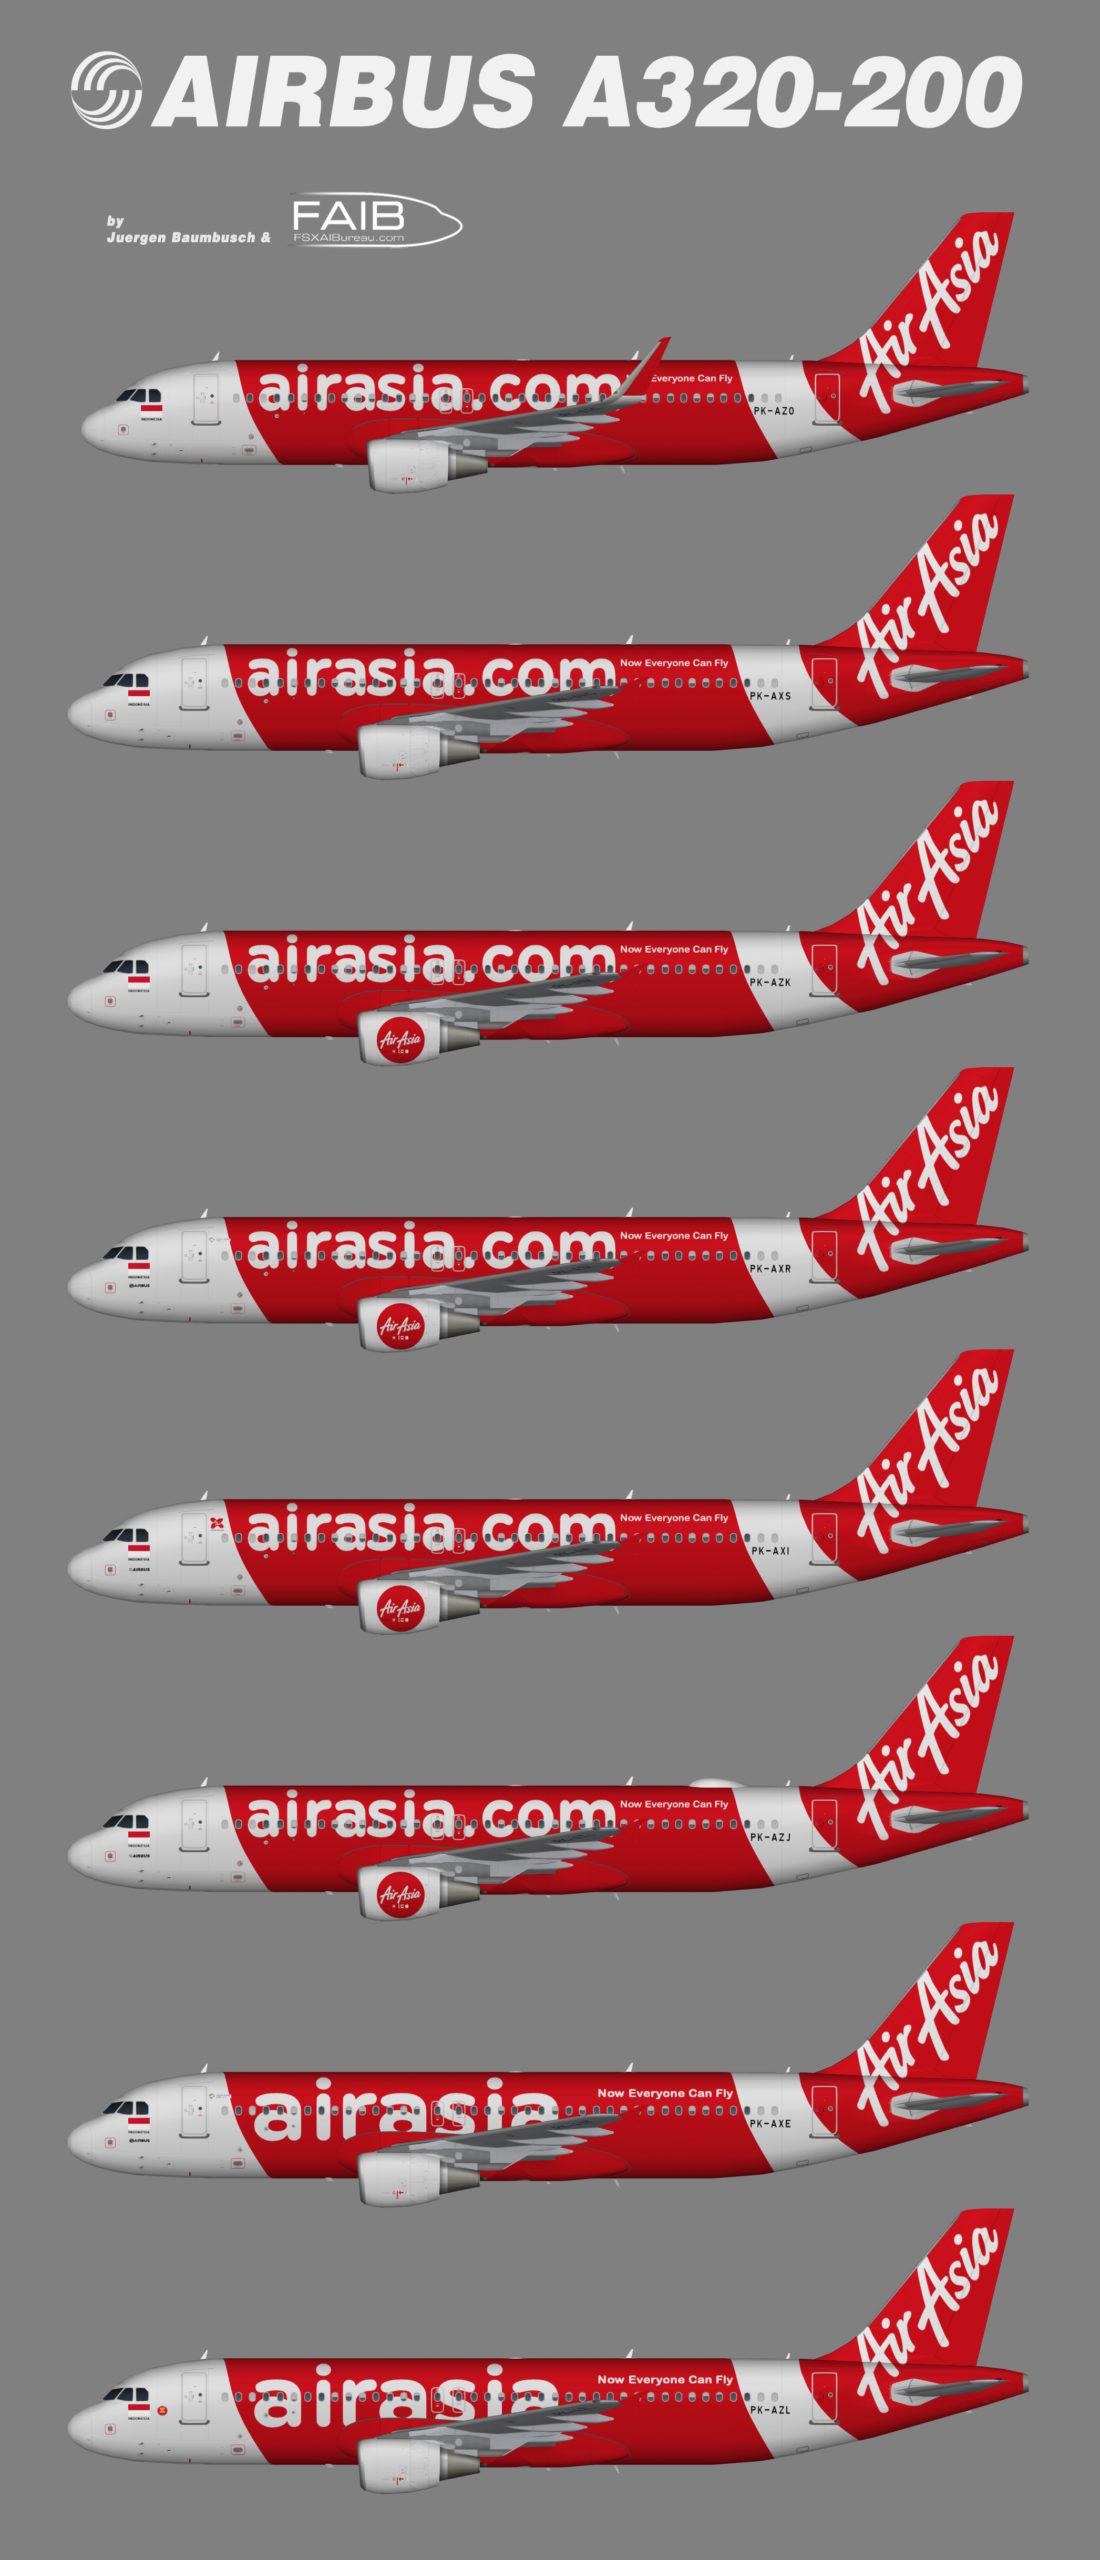 Indonesia AirAsia Airbus A320-200